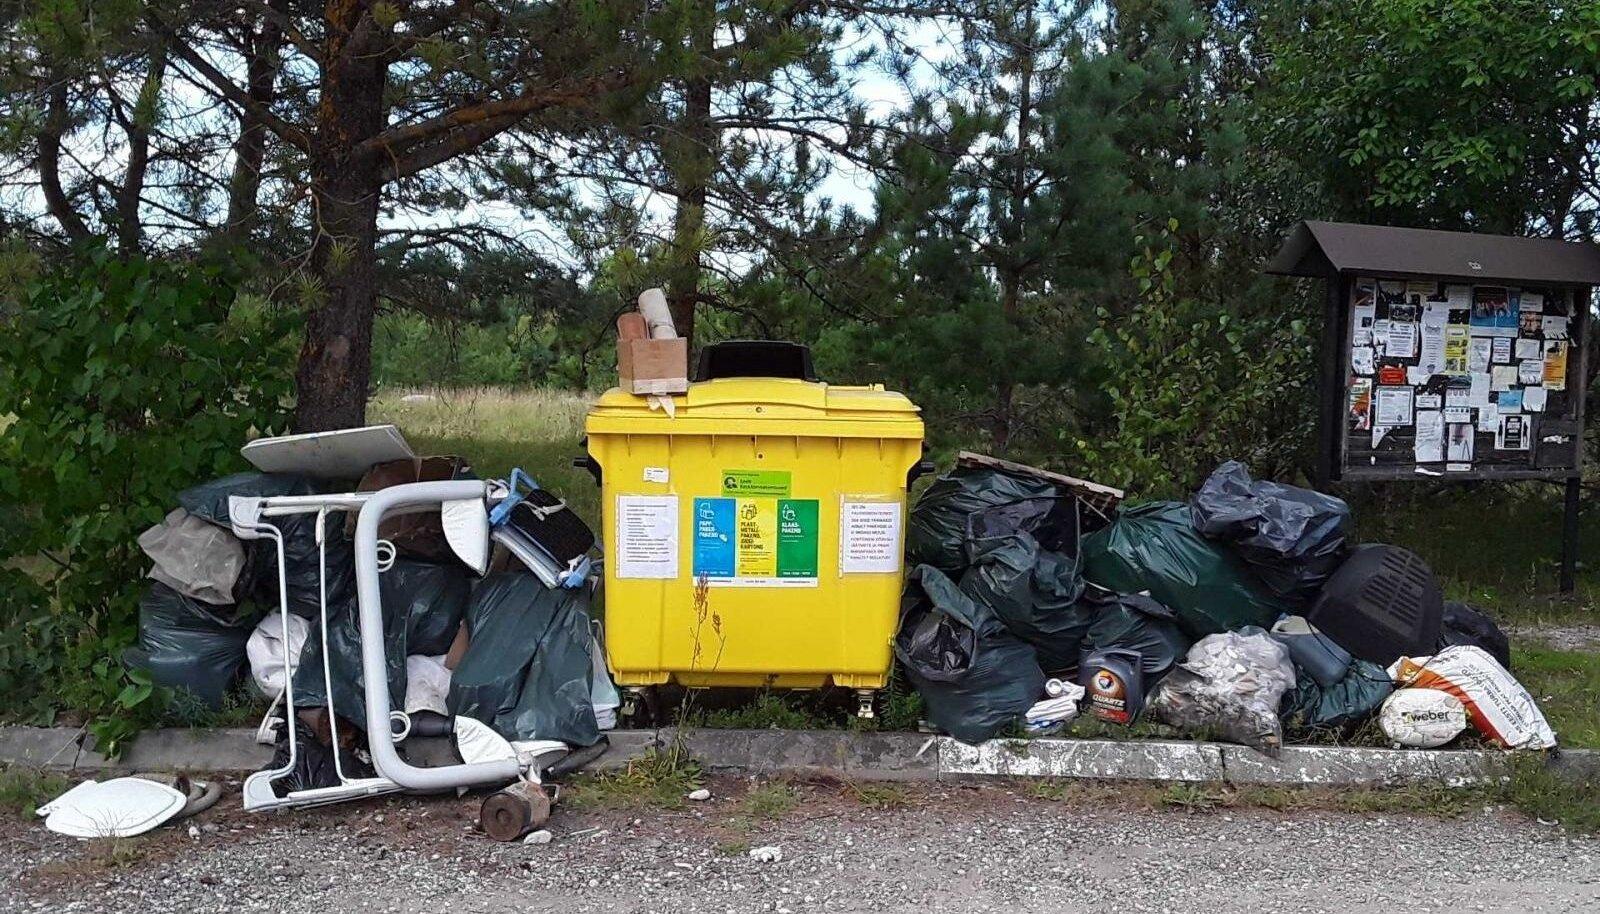 Ühiskonna teadlikkus jäätmete kui ressursside parema ringlemise vajalikkusest ja võimalustest peab kasvama.